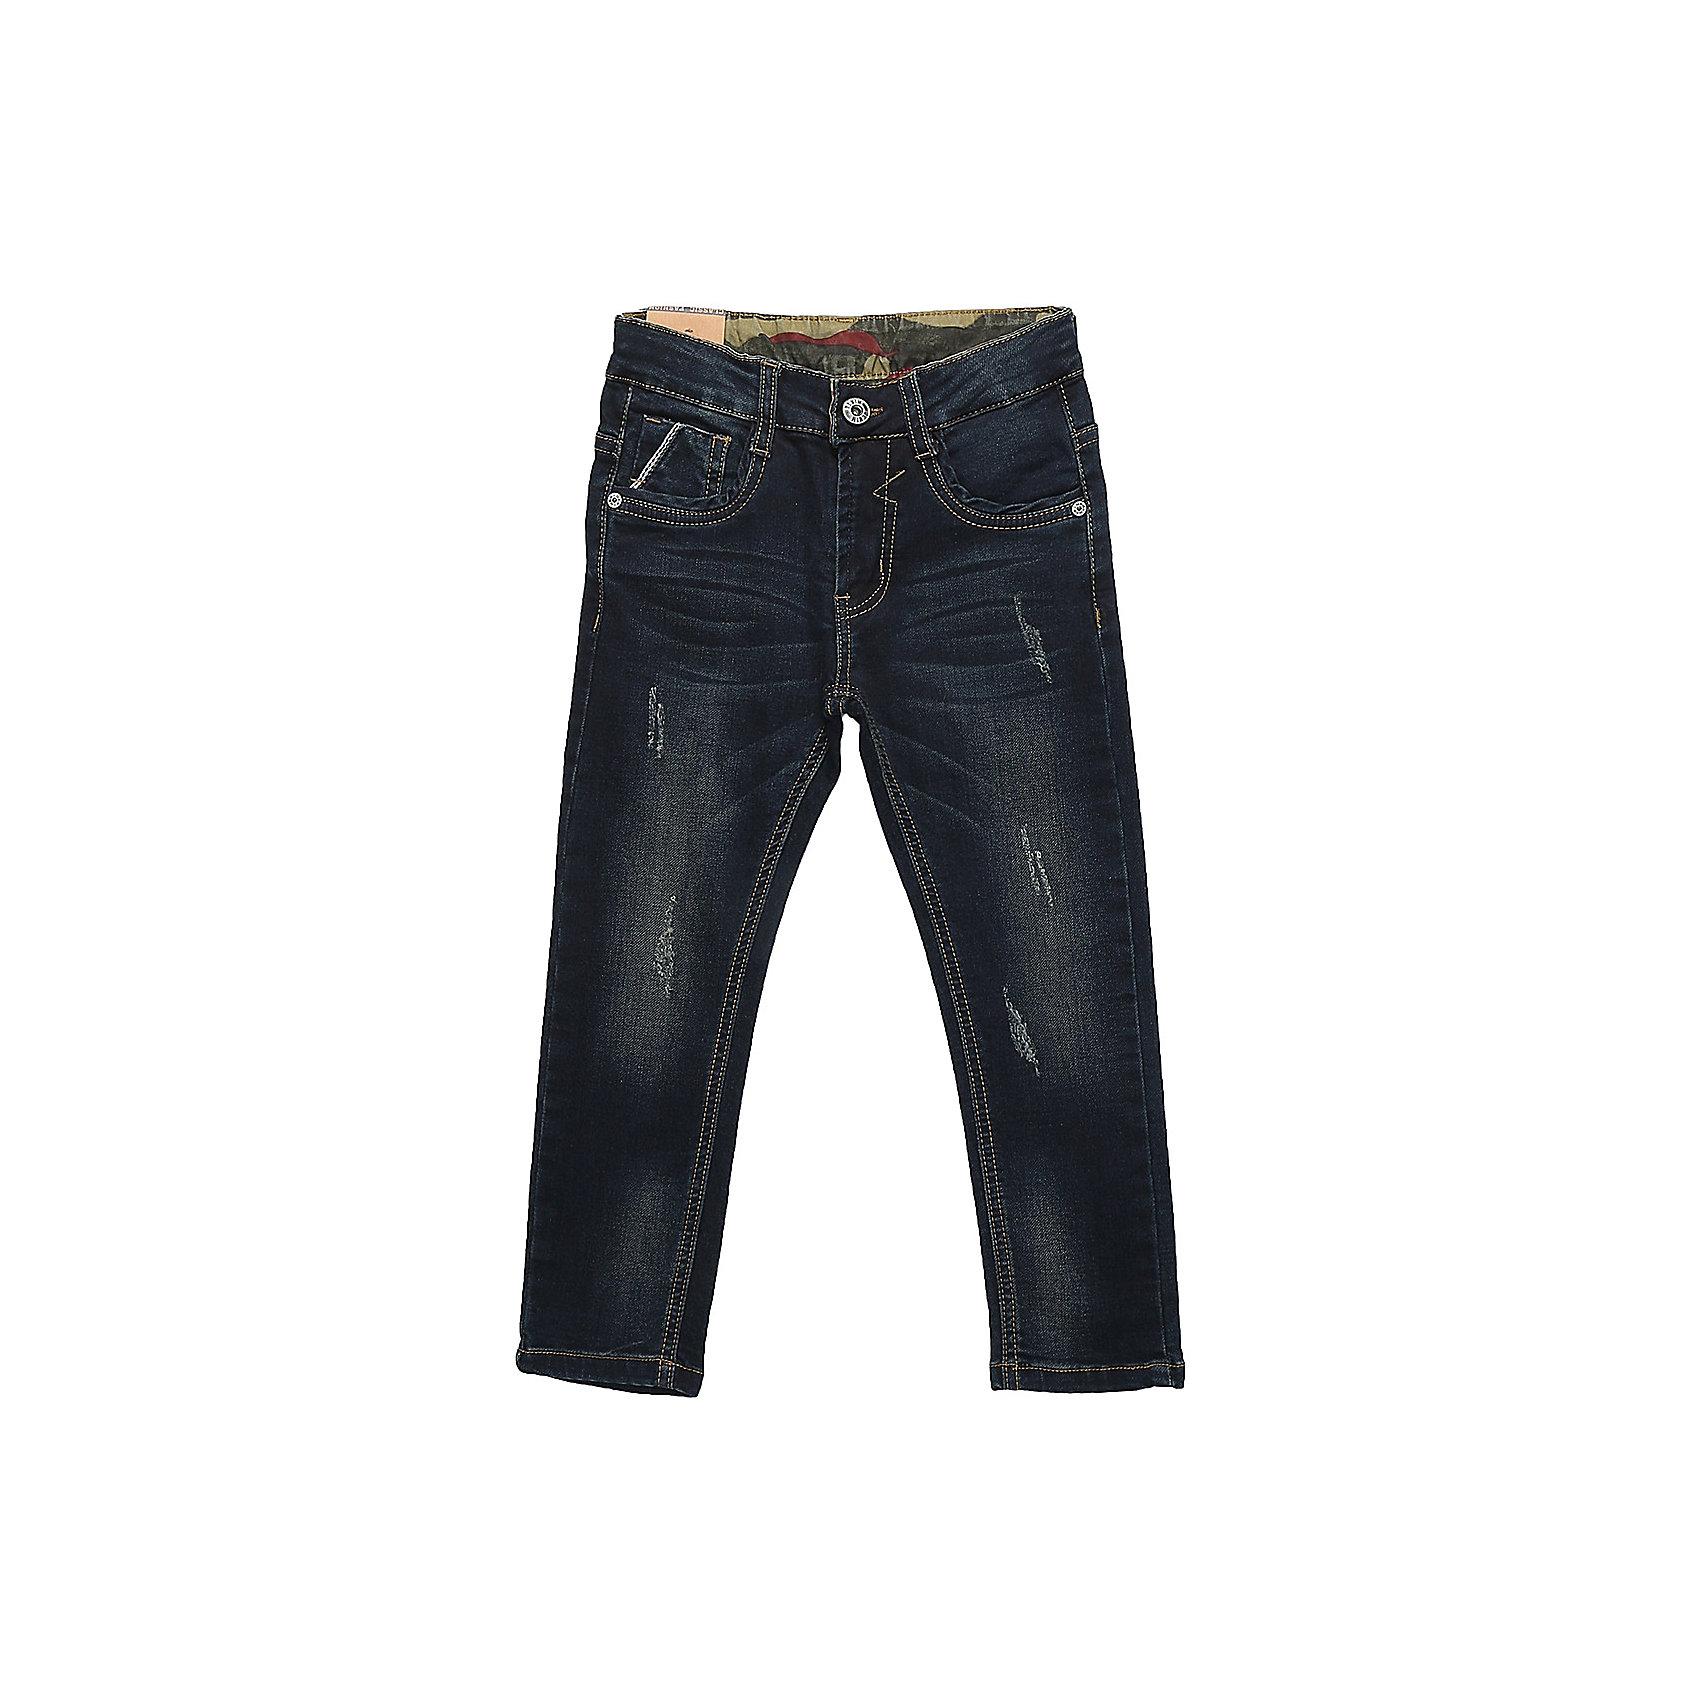 Брюки Sweet Berry для мальчикаДжинсы<br>Брюки Sweet Berry для мальчика<br>Модные джинсовые брюки для мальчика декорированные оригинальной варкой и потертостями. Застегиваются на молнию и пуговицу.  Шлевки на поясе рассчитаны под ремень. В боковой части пояса находятся вшитые эластичные ленты, регулирующие посадку по талии. Зауженный крой, средняя посадка.<br>Состав:<br>97% хлопок, 3% спандекс<br><br>Ширина мм: 215<br>Глубина мм: 88<br>Высота мм: 191<br>Вес г: 336<br>Цвет: синий<br>Возраст от месяцев: 24<br>Возраст до месяцев: 36<br>Пол: Мужской<br>Возраст: Детский<br>Размер: 98,128,122,116,110,104<br>SKU: 7094854